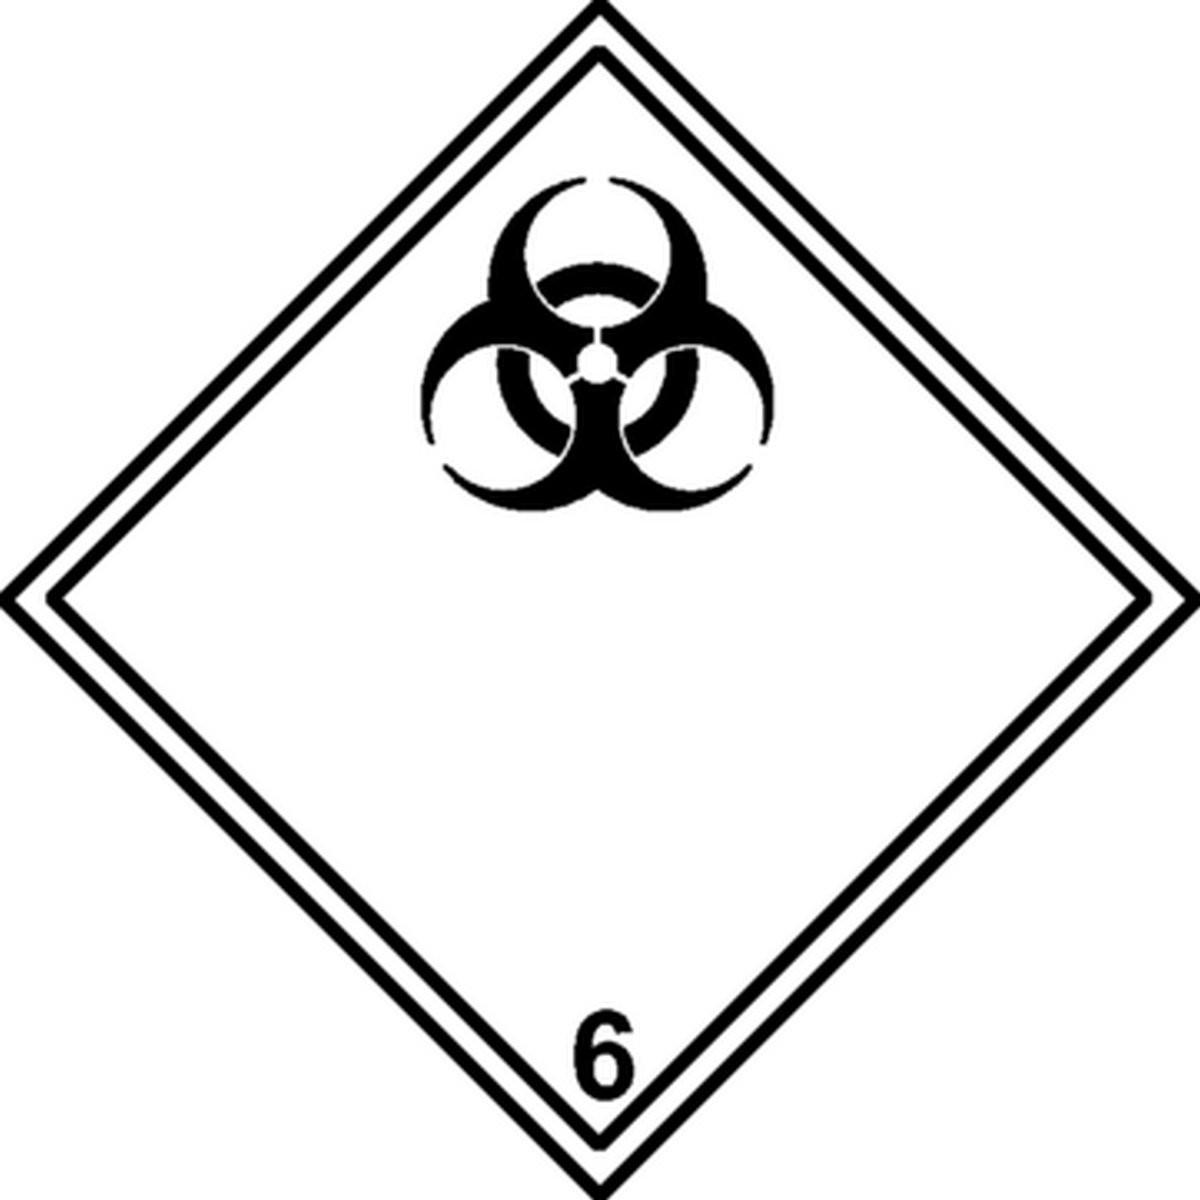 Etiquette Matières infectieuses Classe 6.2